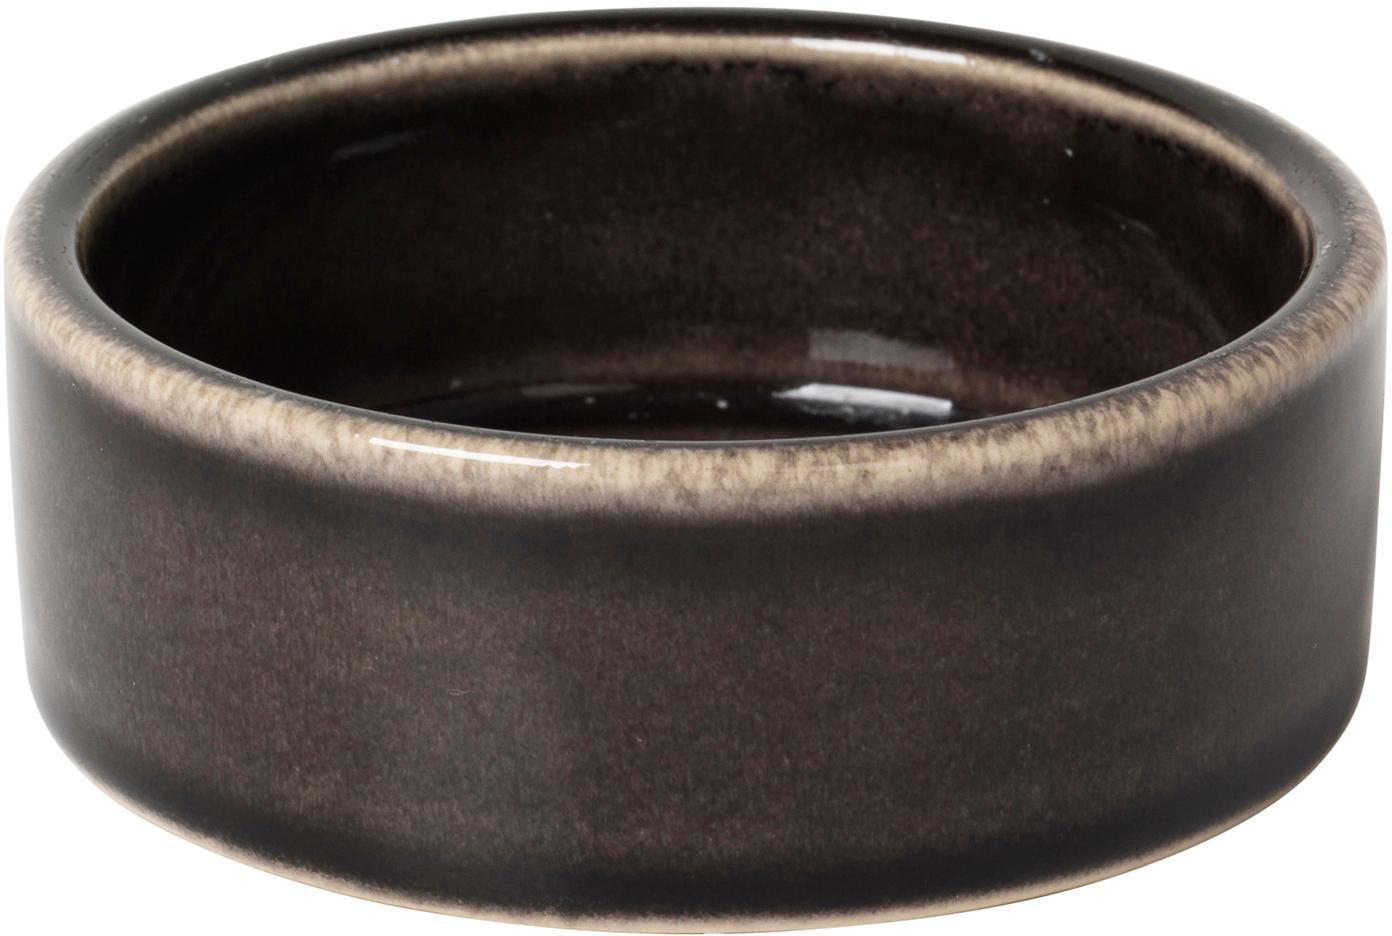 Cuencos para salsas artesanales Nordic Coal, 4uds., Gres, Marrón negruzco, Ø 8 cm